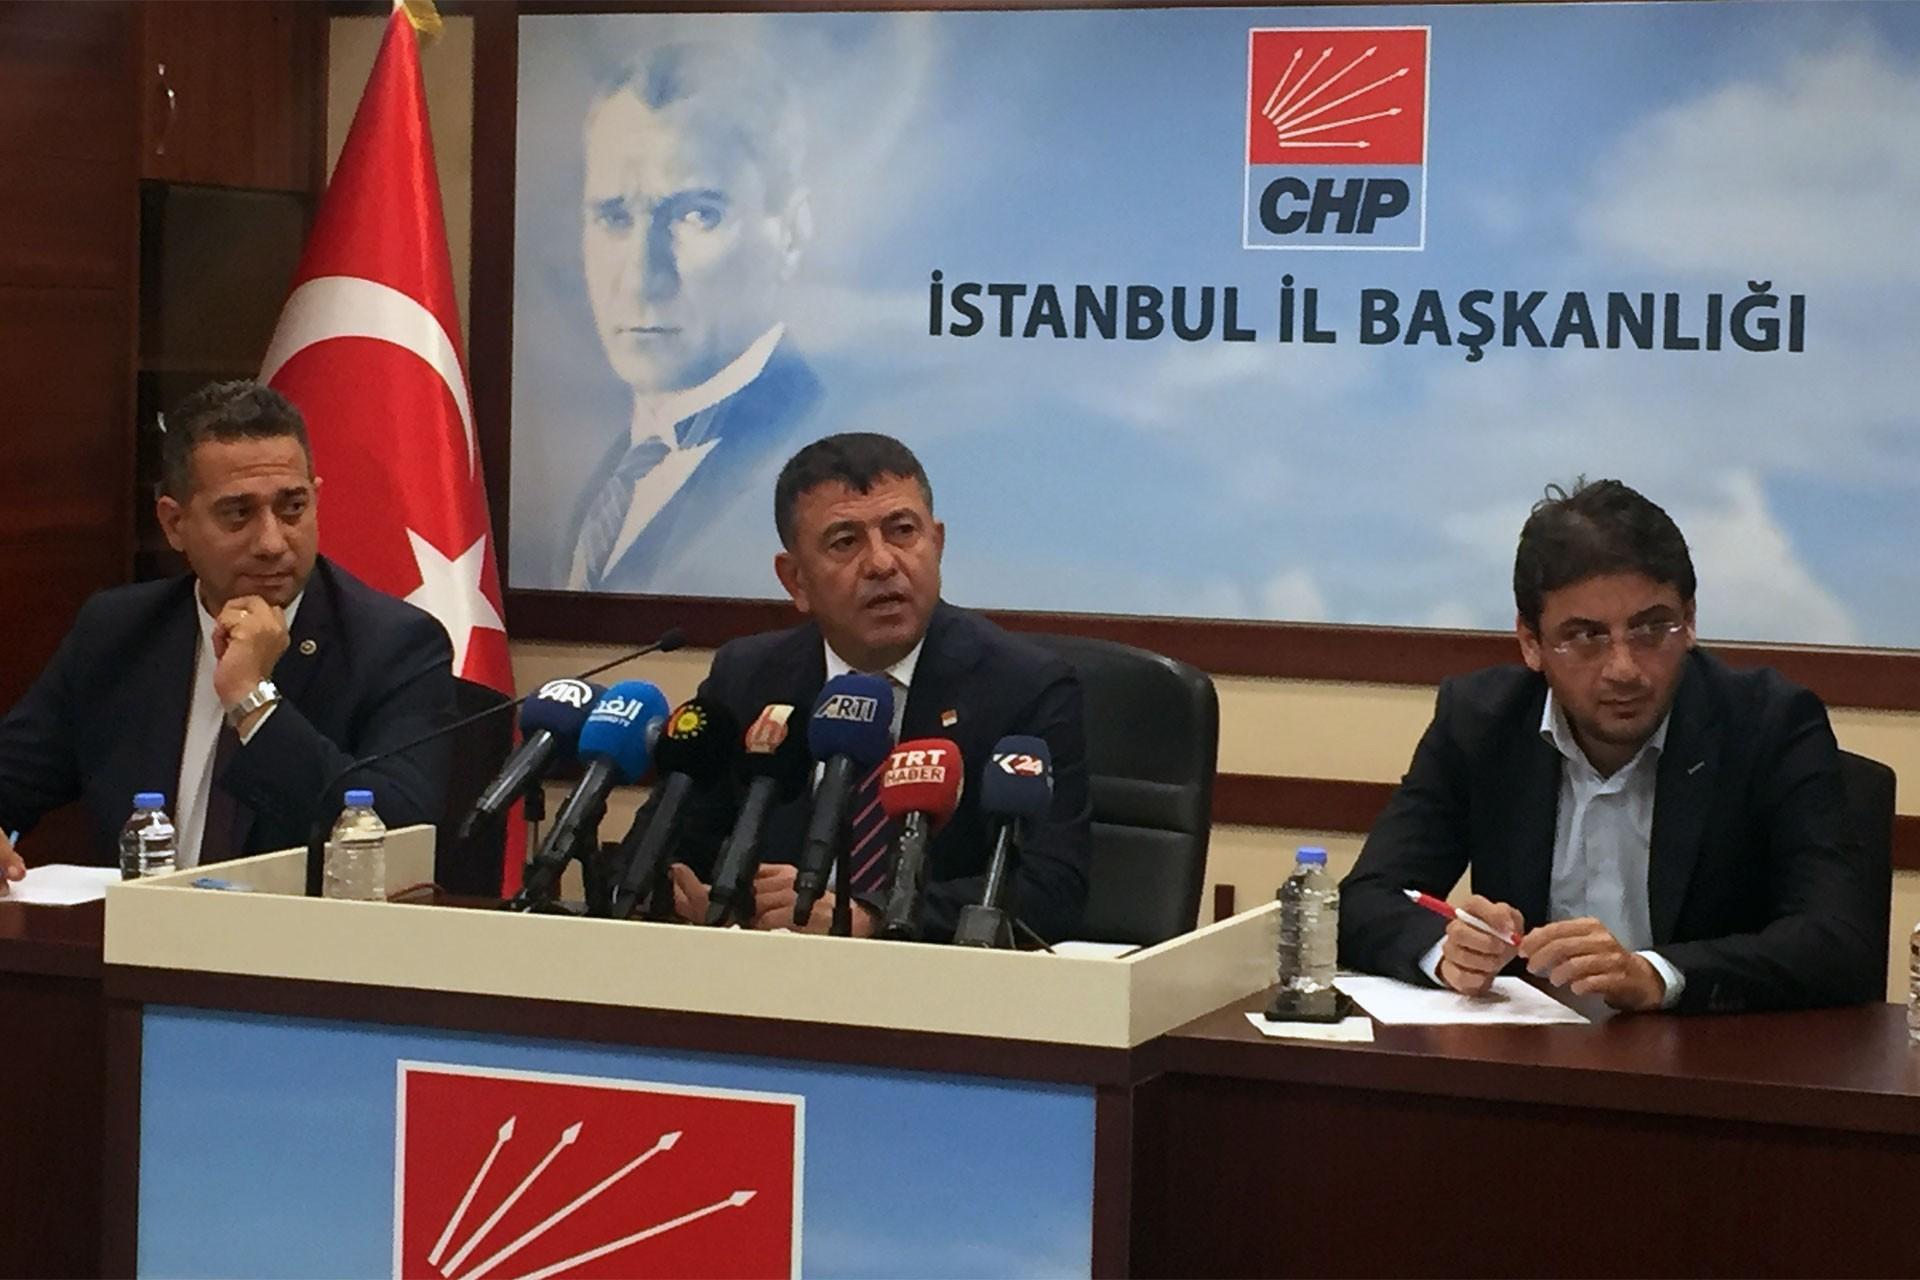 """CHP'li Veli Ağbaba'dan """"Suriye Konferansı"""" açıklaması: Tüm tarafları davet ettik"""